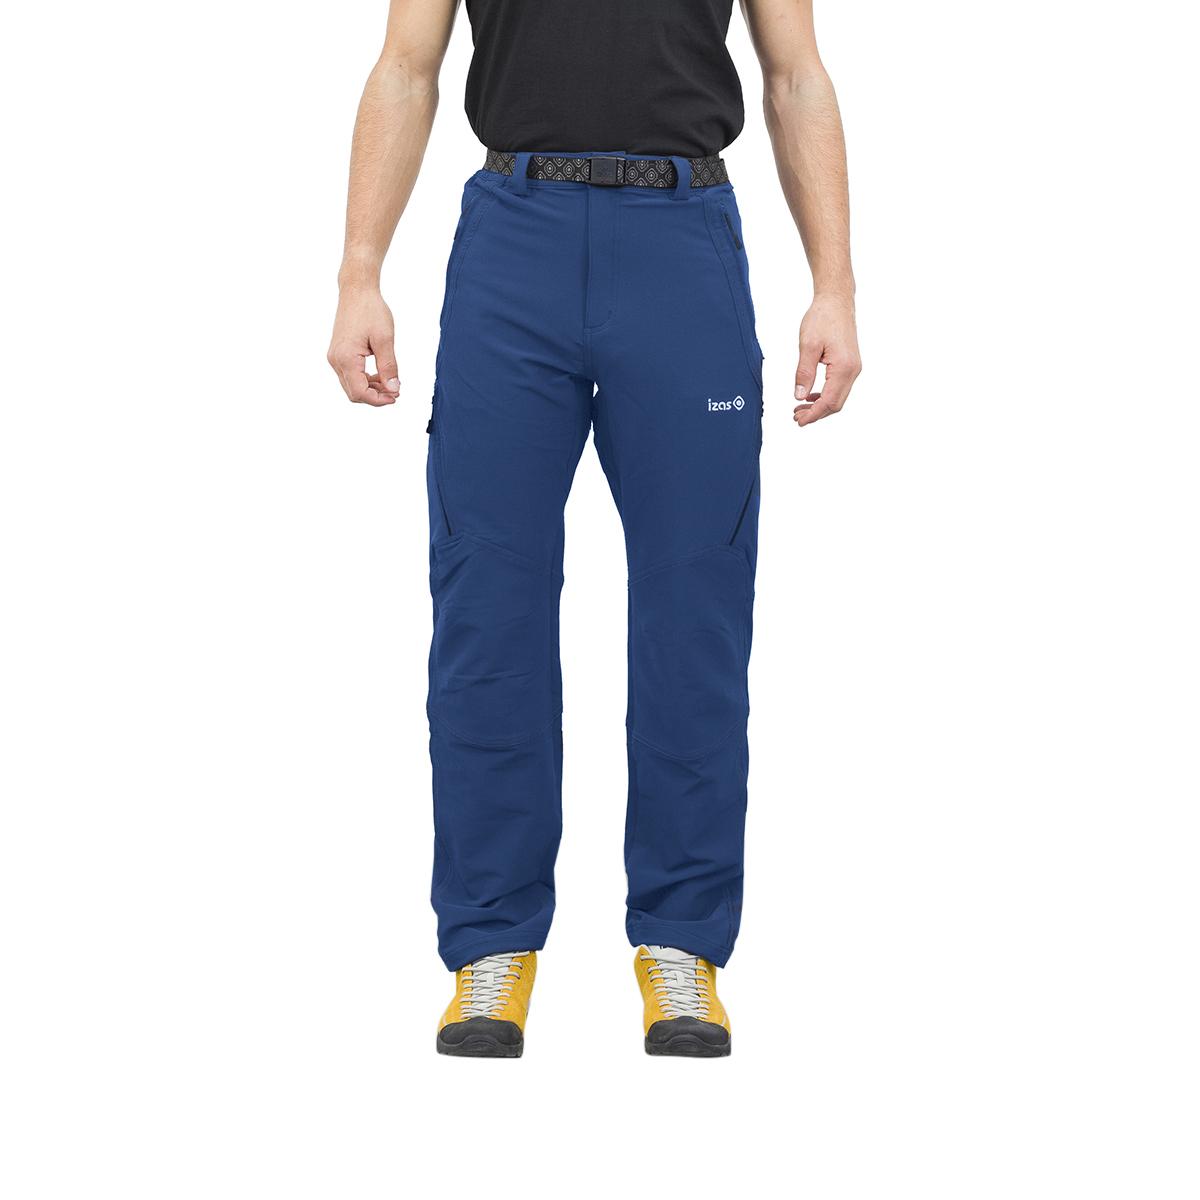 MAN'S VOIRON MOUNT-STRETCH PANT BLUE